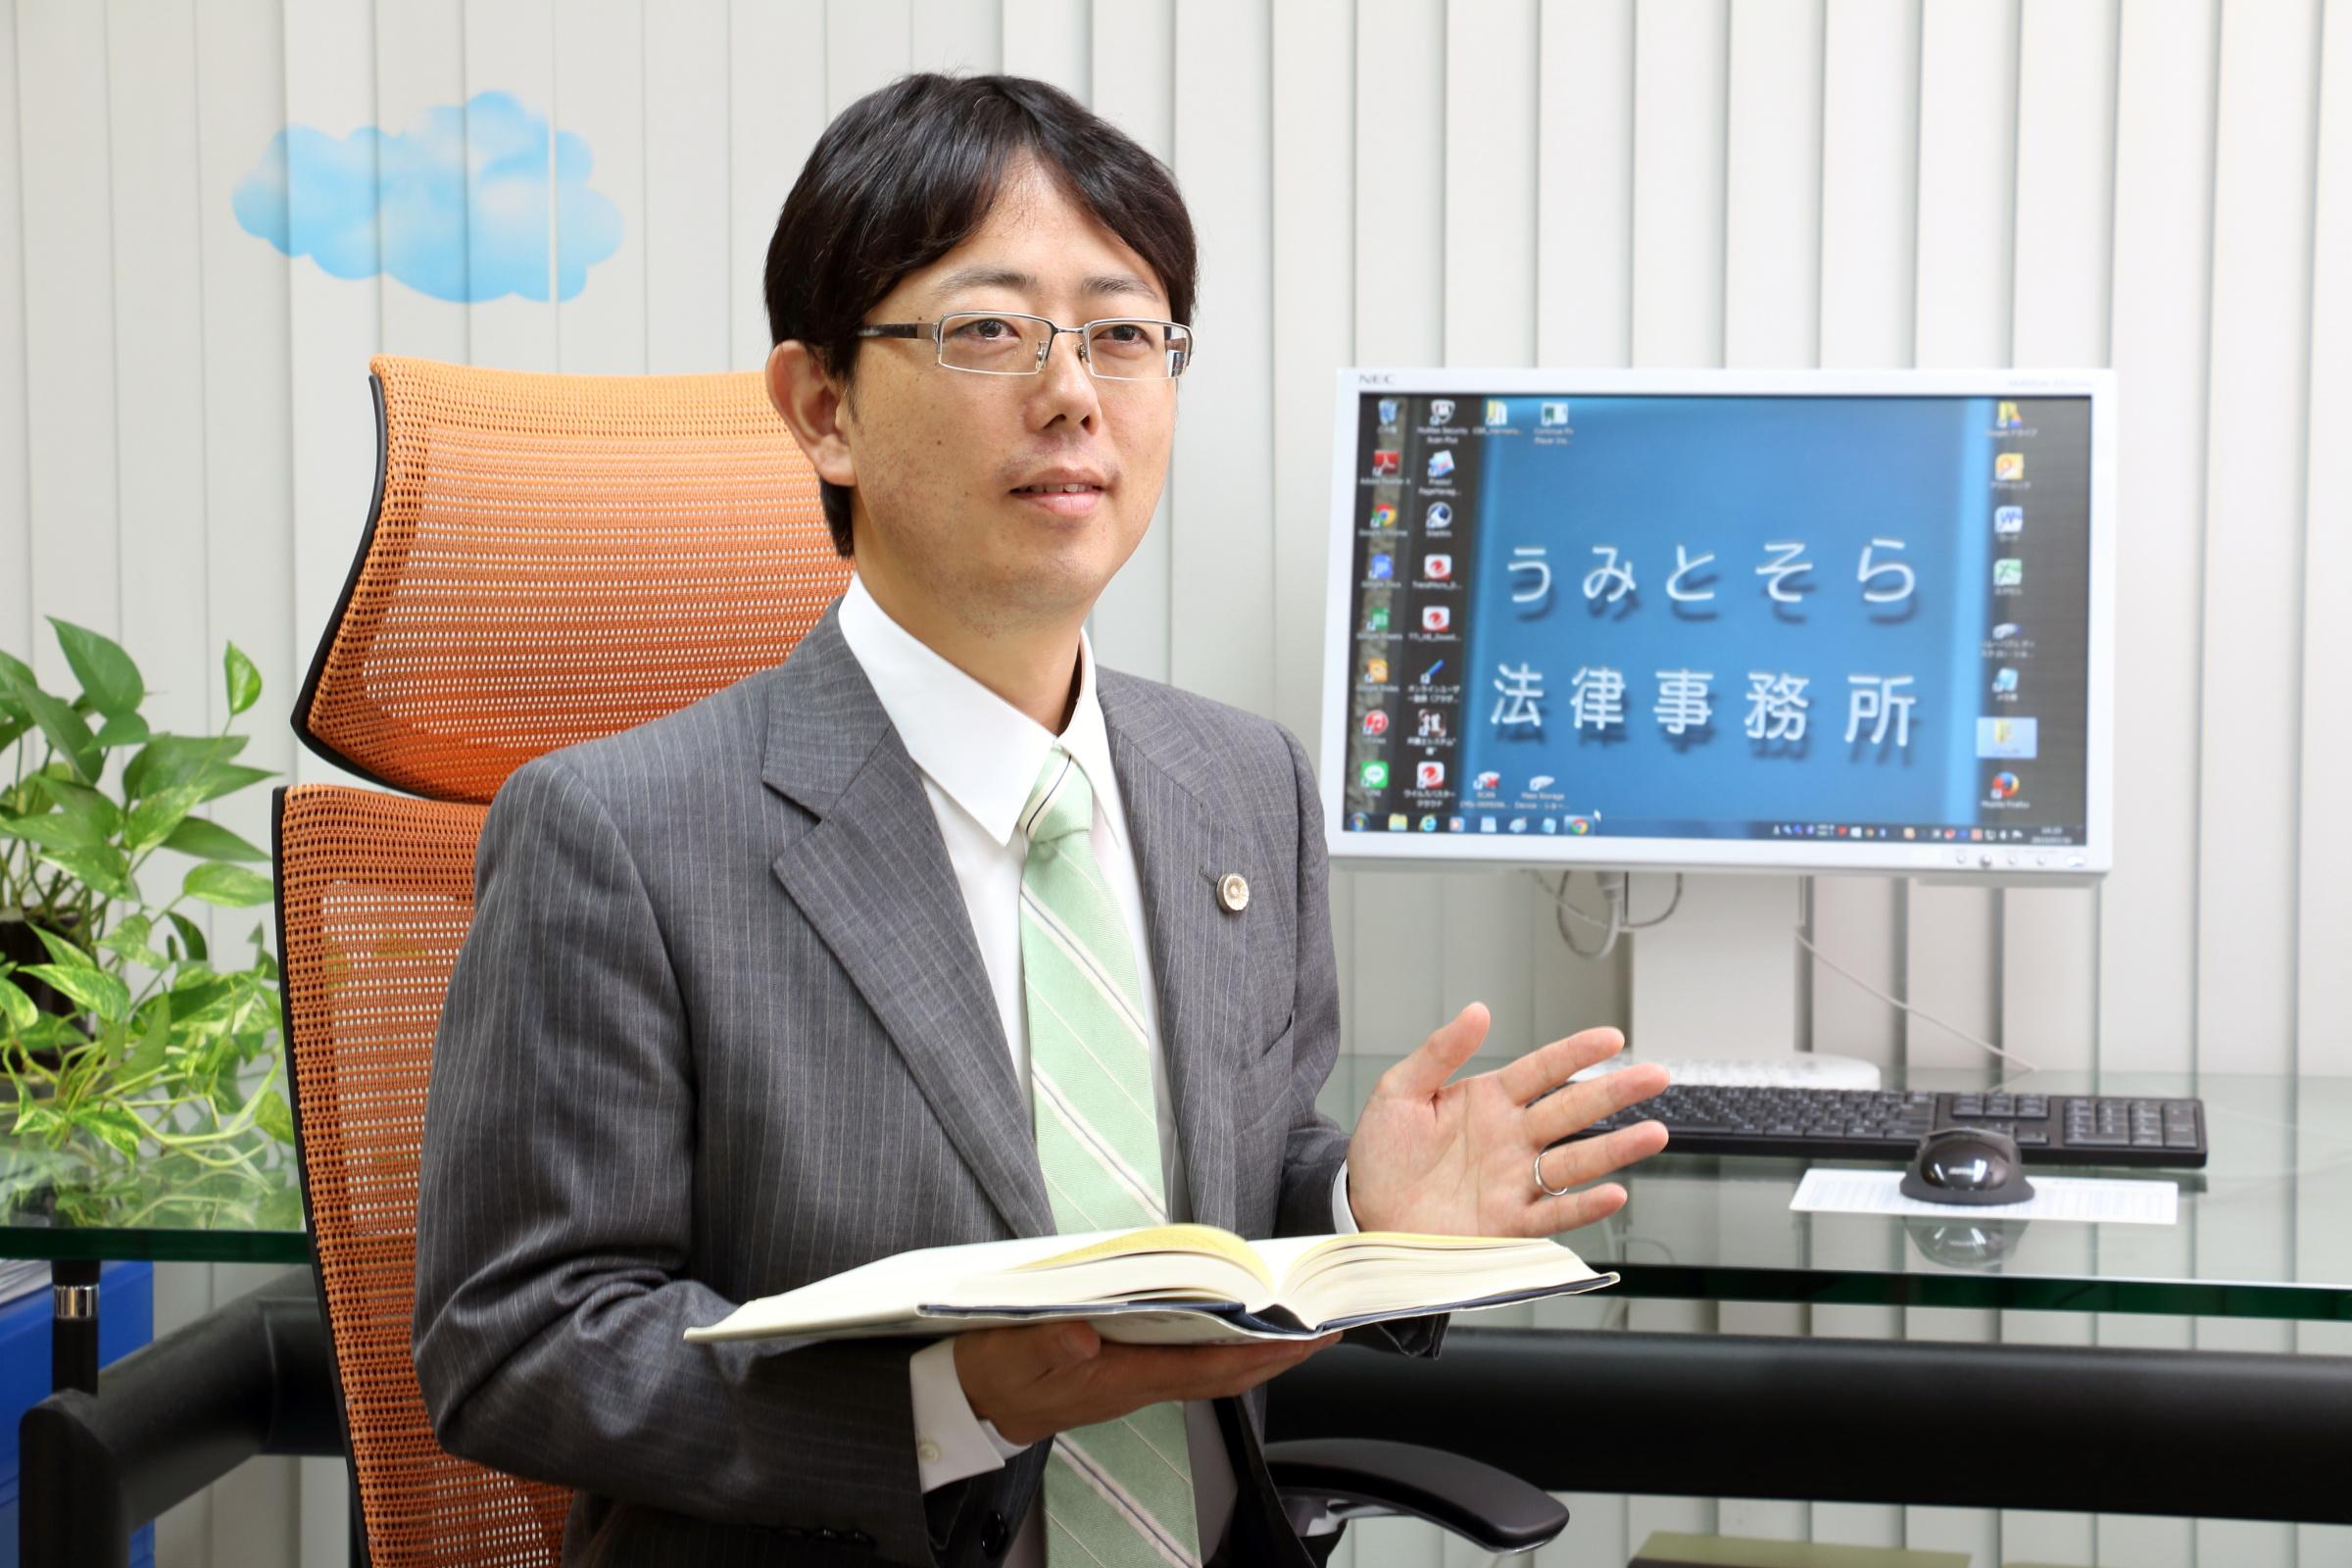 相続 弁護士|青島弁護士による条文の解説